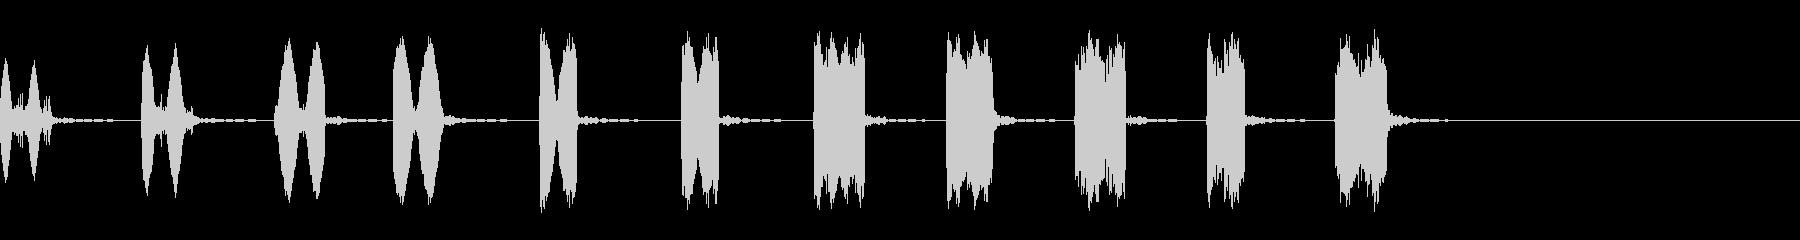 スパイシーなゲーム効果音,SE07-06の未再生の波形